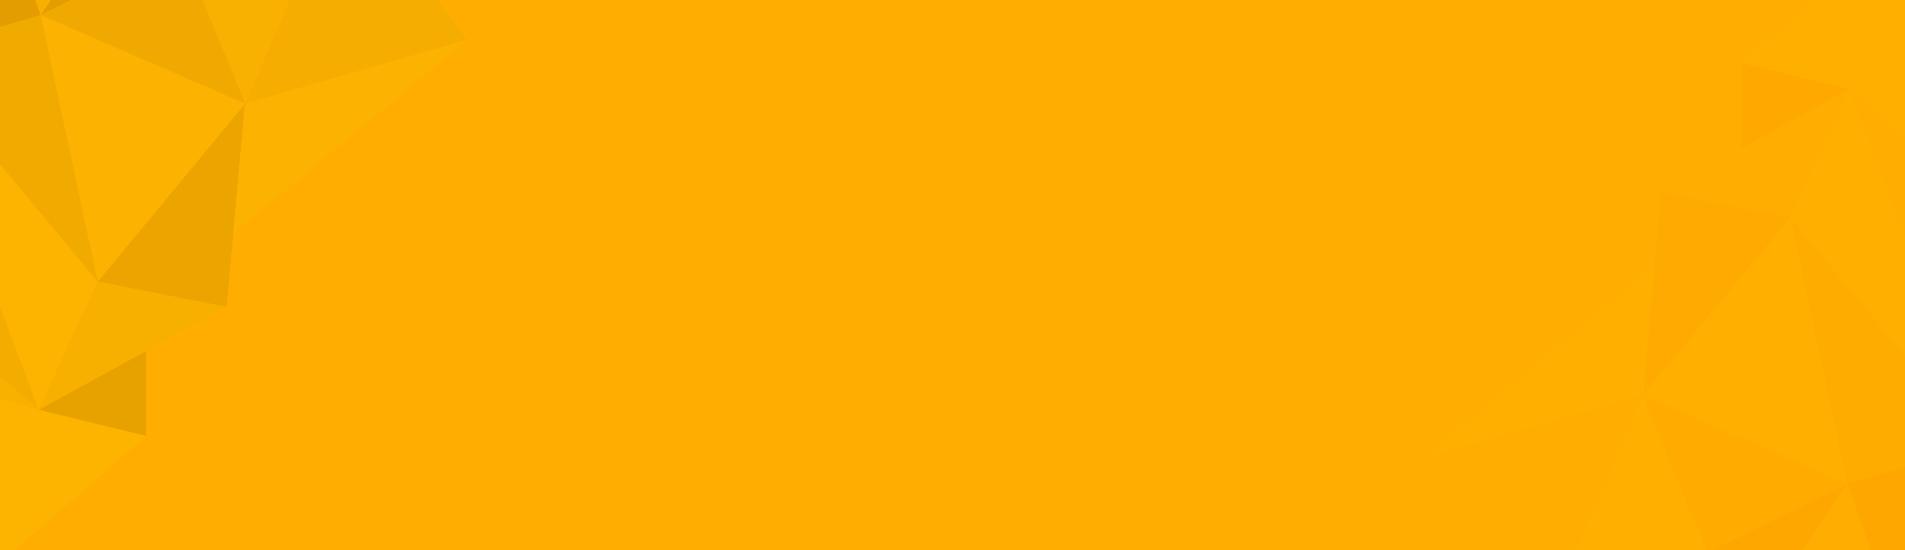 Reprofast fondo amarillo